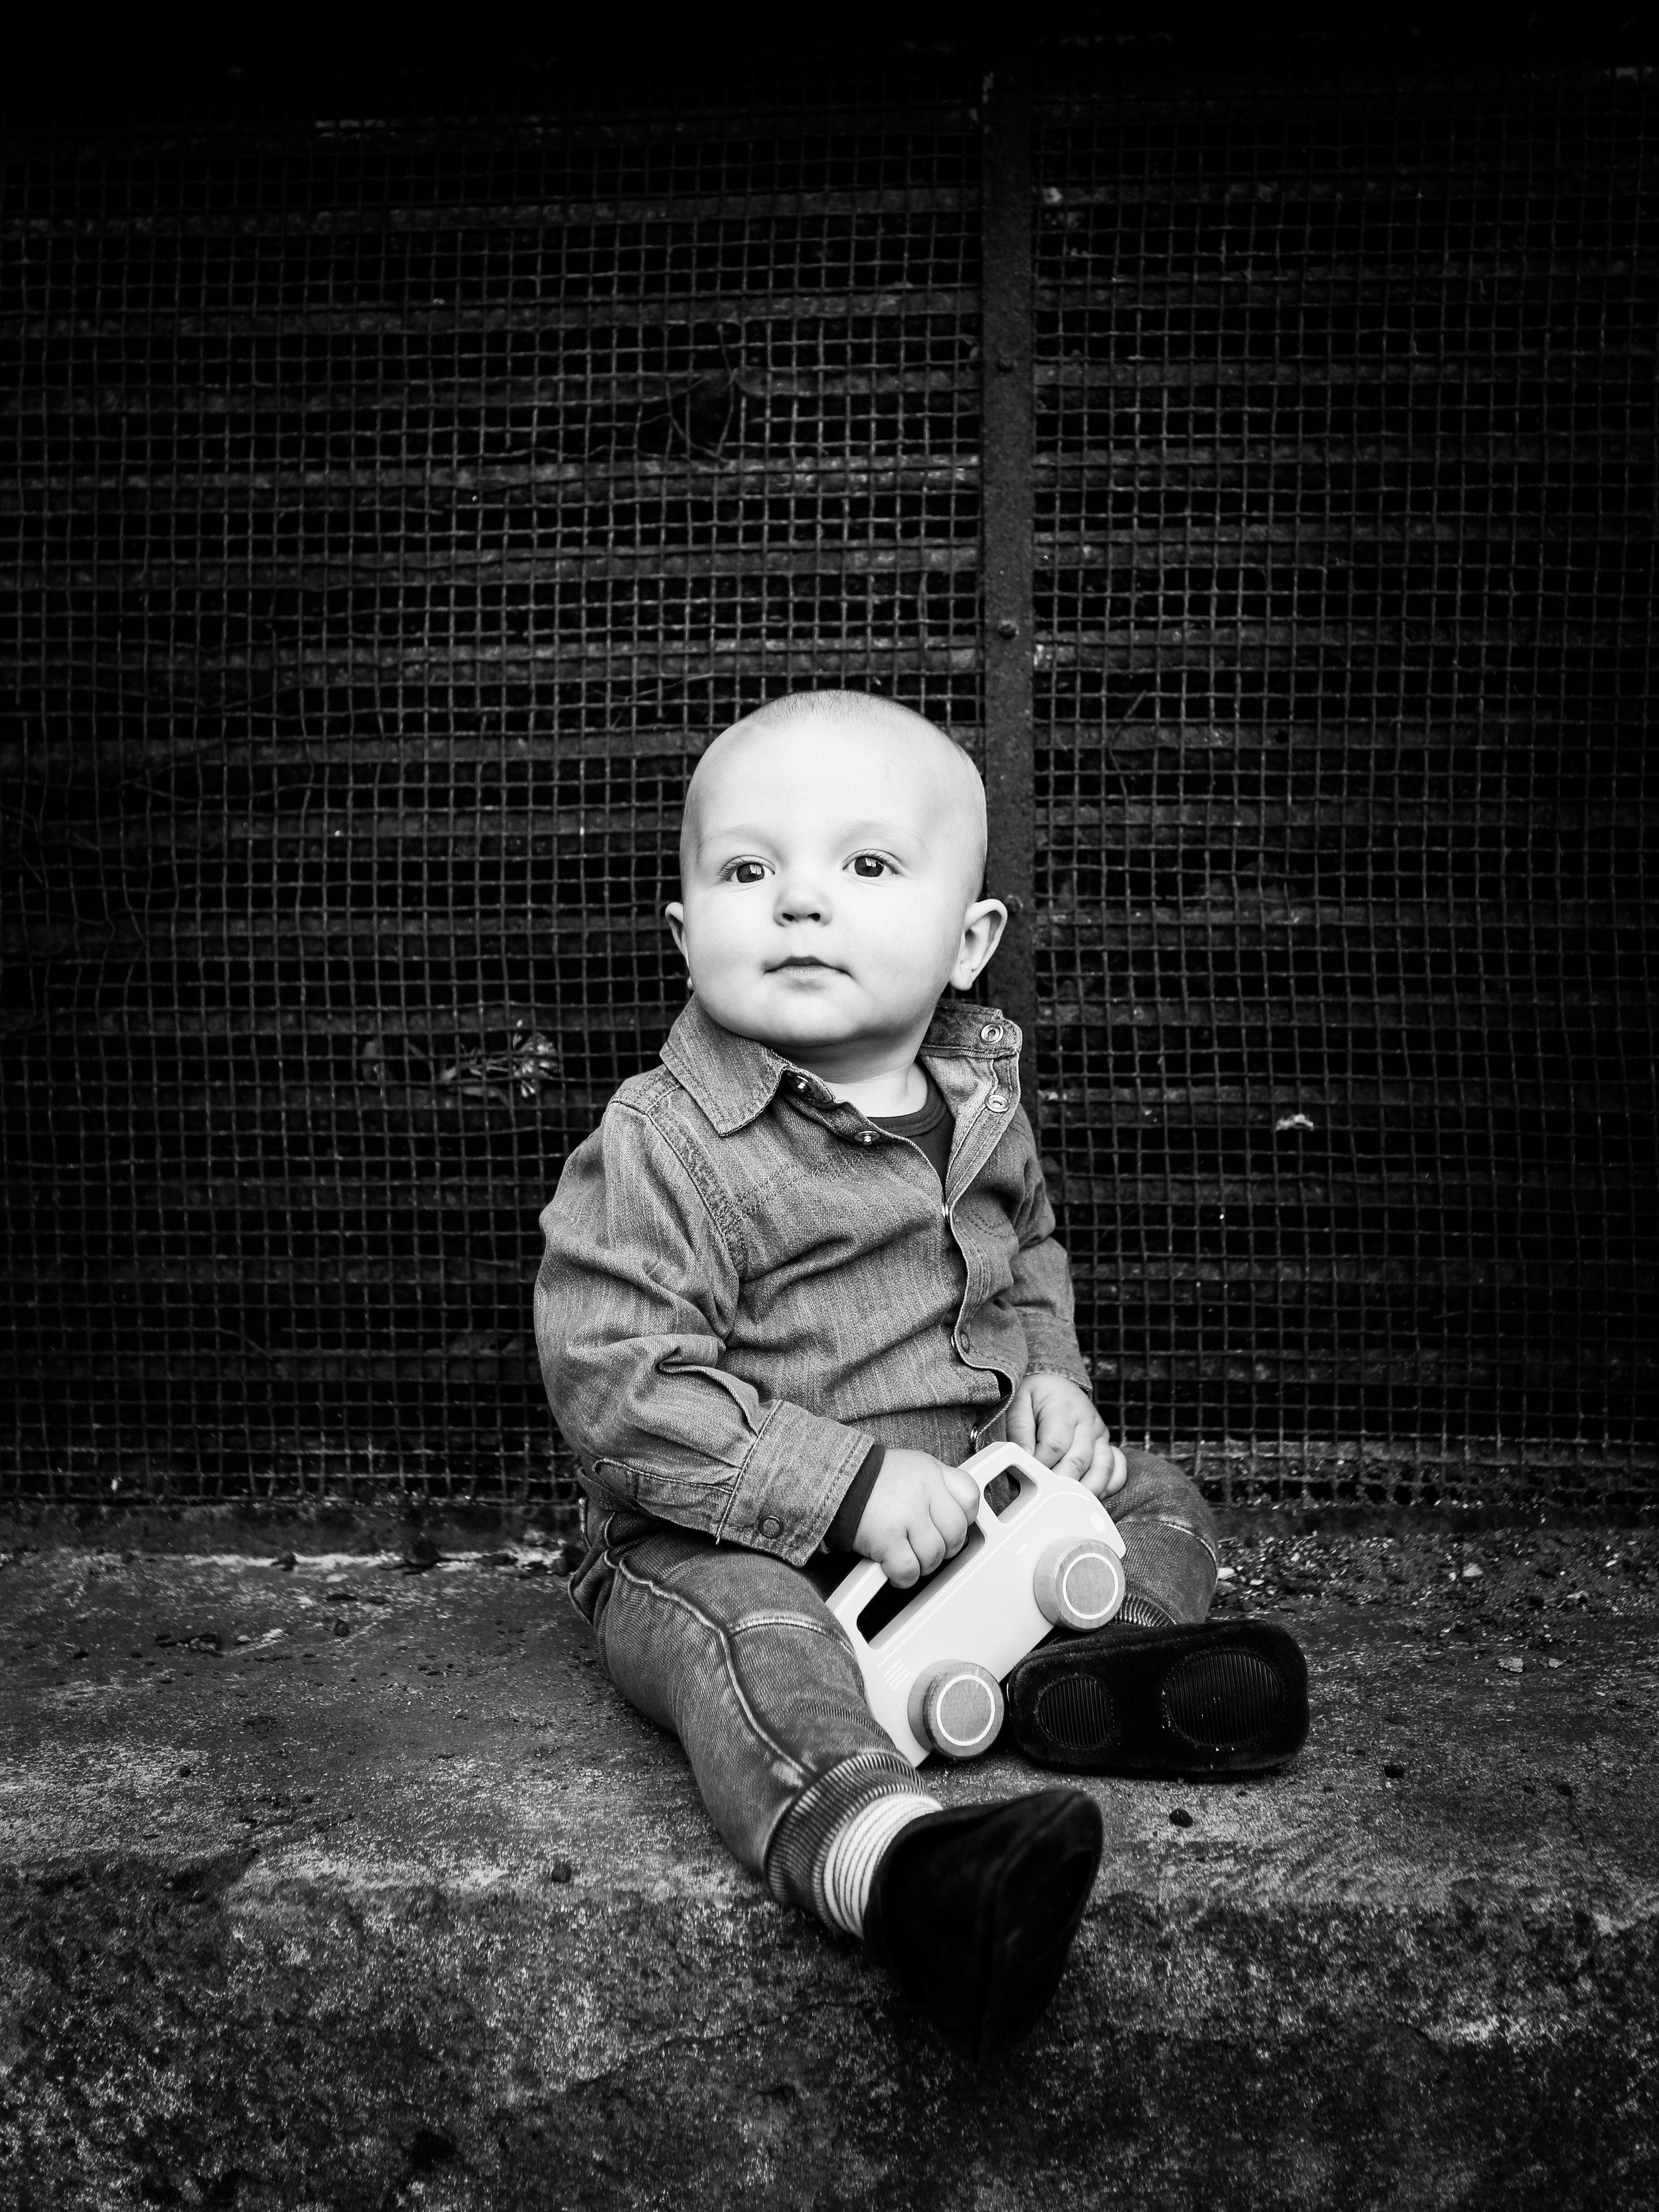 Natasja_Nienhuis_Fotografie-1019.jpg